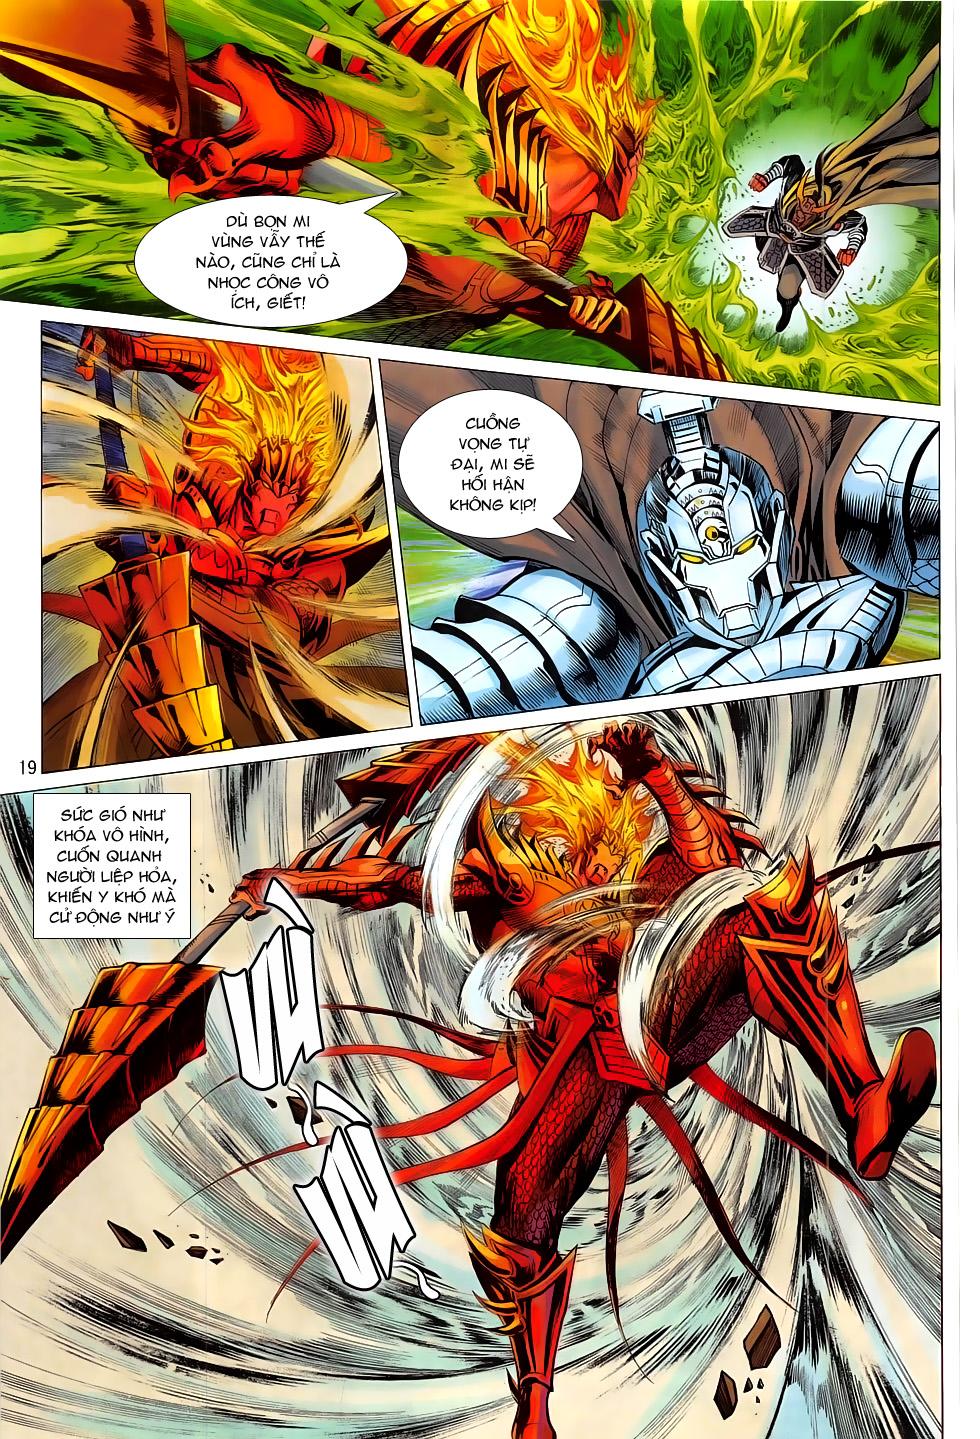 Chiến Phổ chap 20 - Trang 19